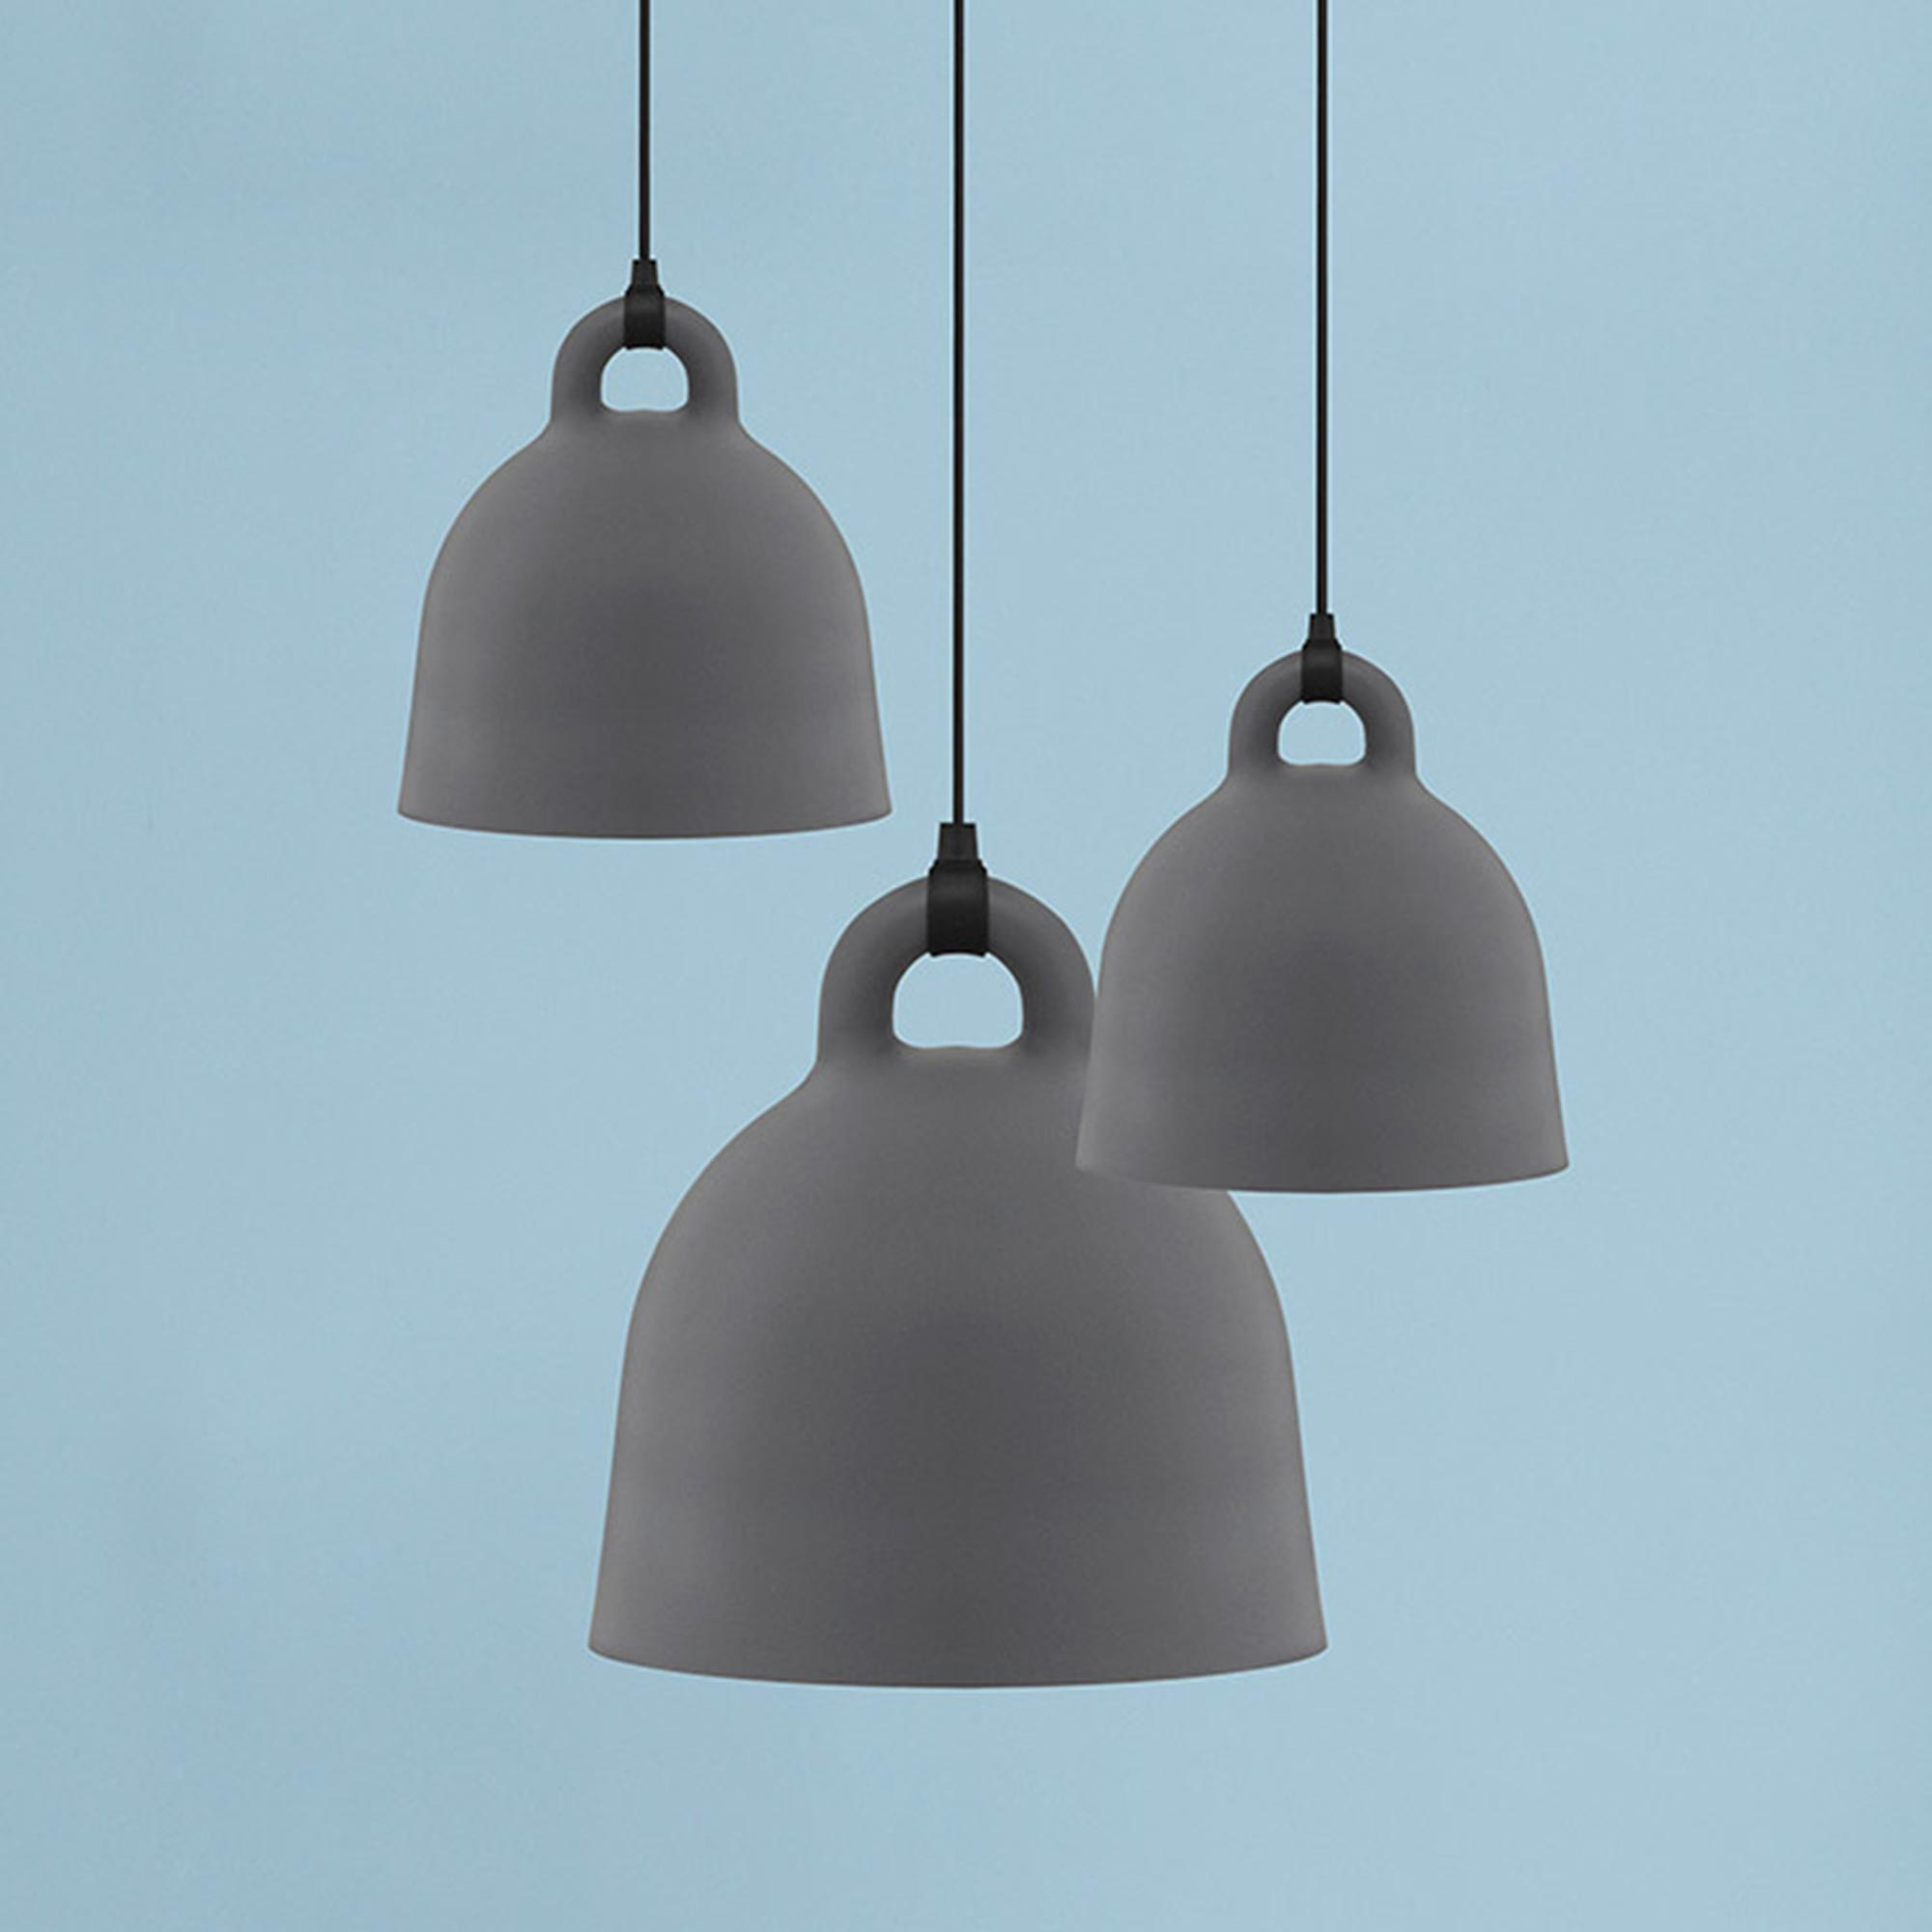 Normann Copenhagen Bell Lampe L Möbel Bär Ag